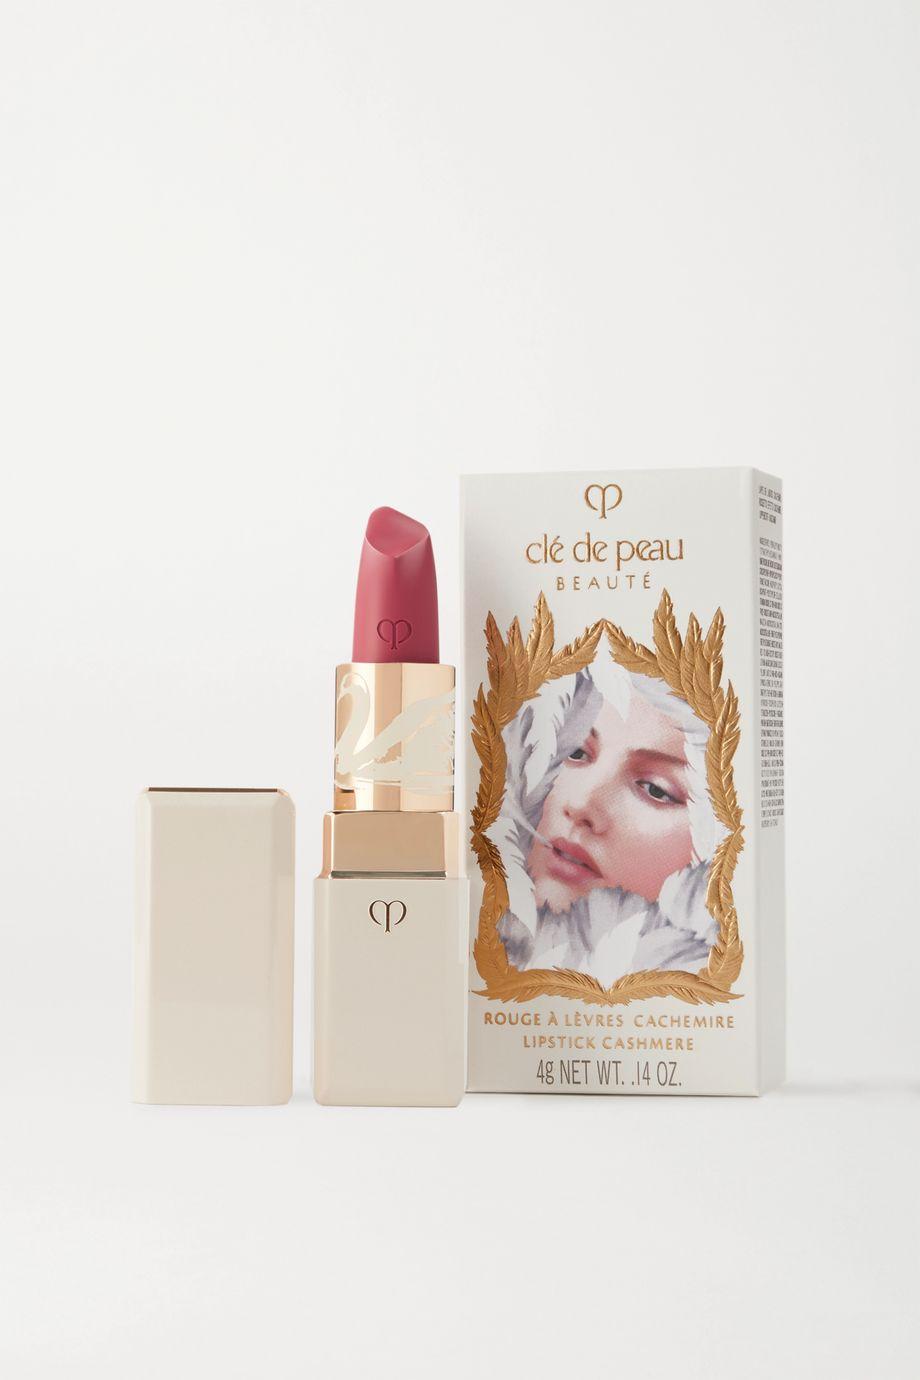 Clé de Peau Beauté Lipstick Cashmere - Enamoured 514